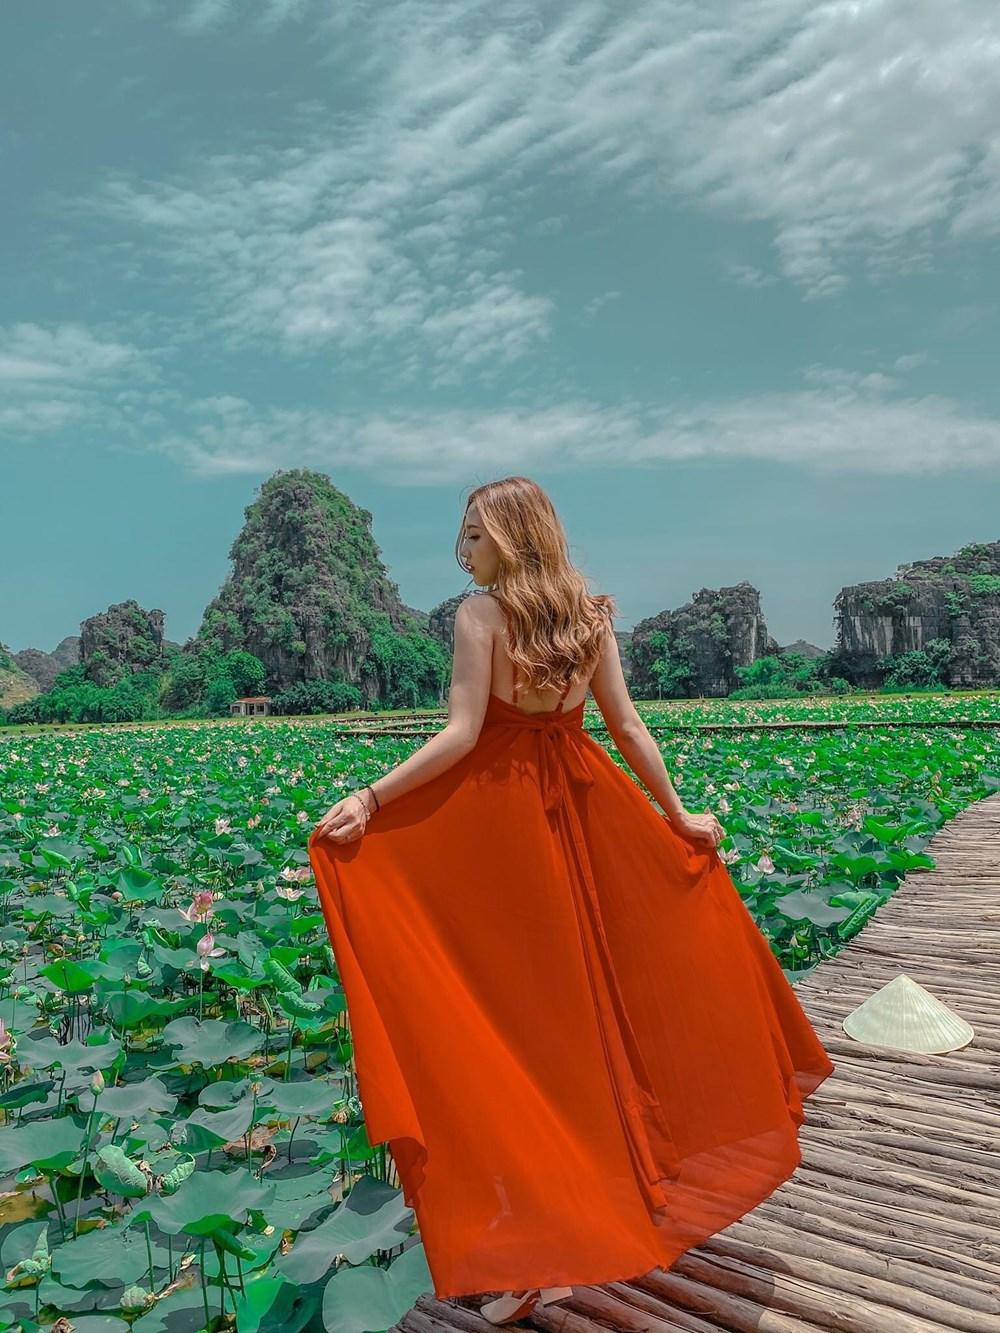 [Photo] Kham pha dam sen duoc menh danh dep nhat Viet Nam hinh anh 6